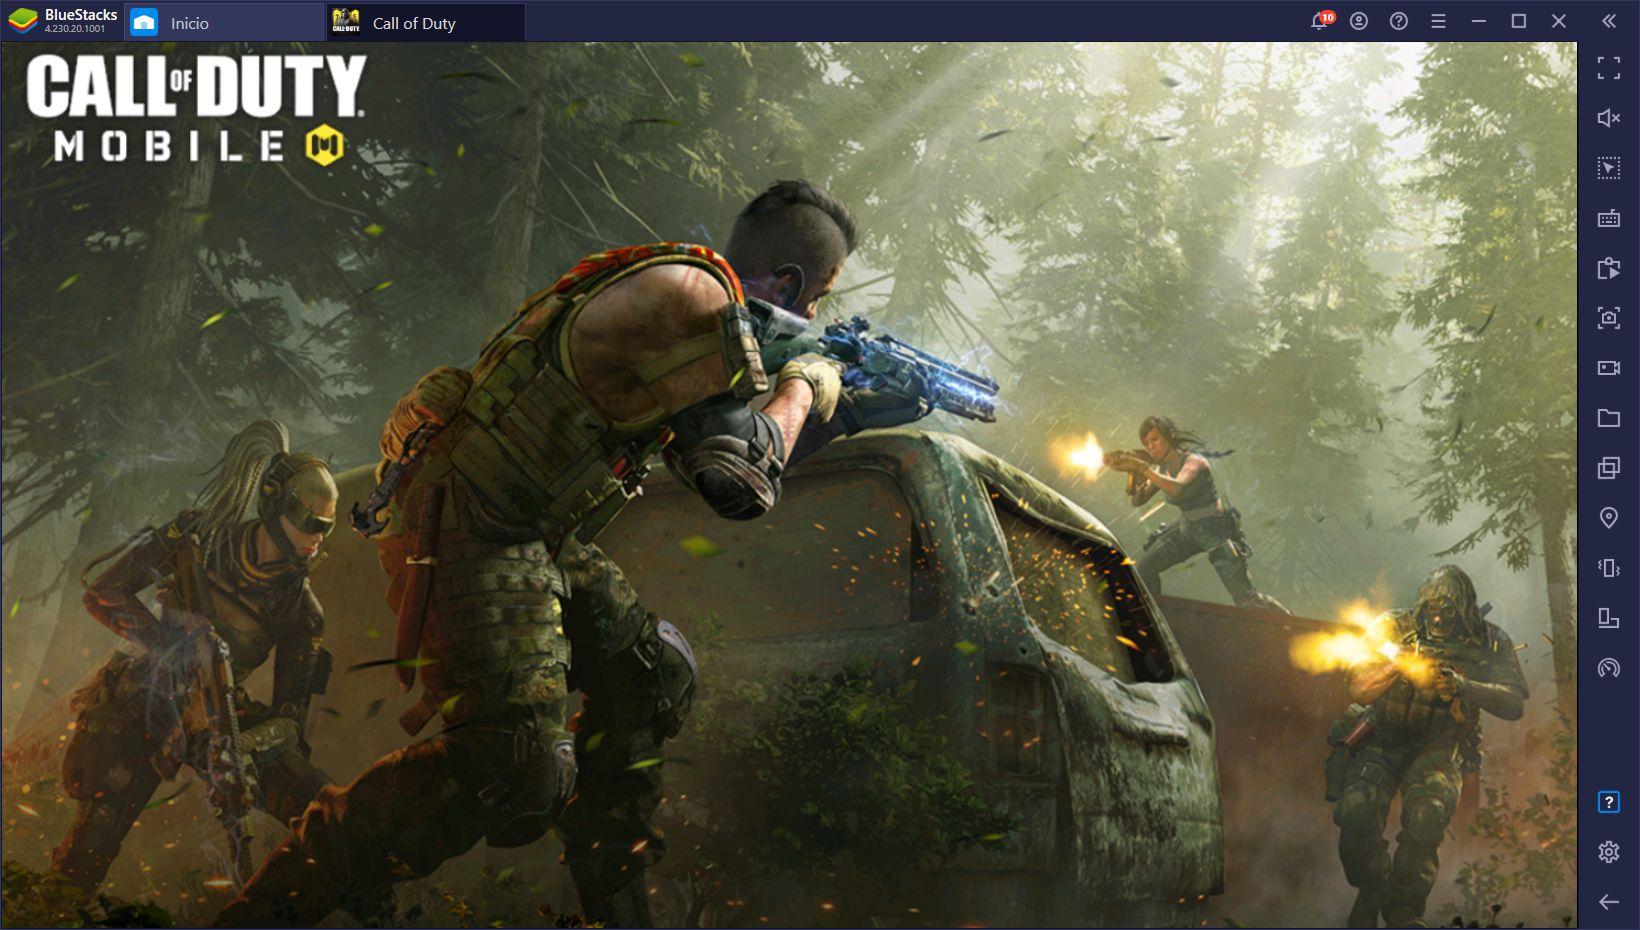 Call of Duty Warzone Mobile Podría Ser una Realidad, Según Revela un Listado de Empleo de Activision